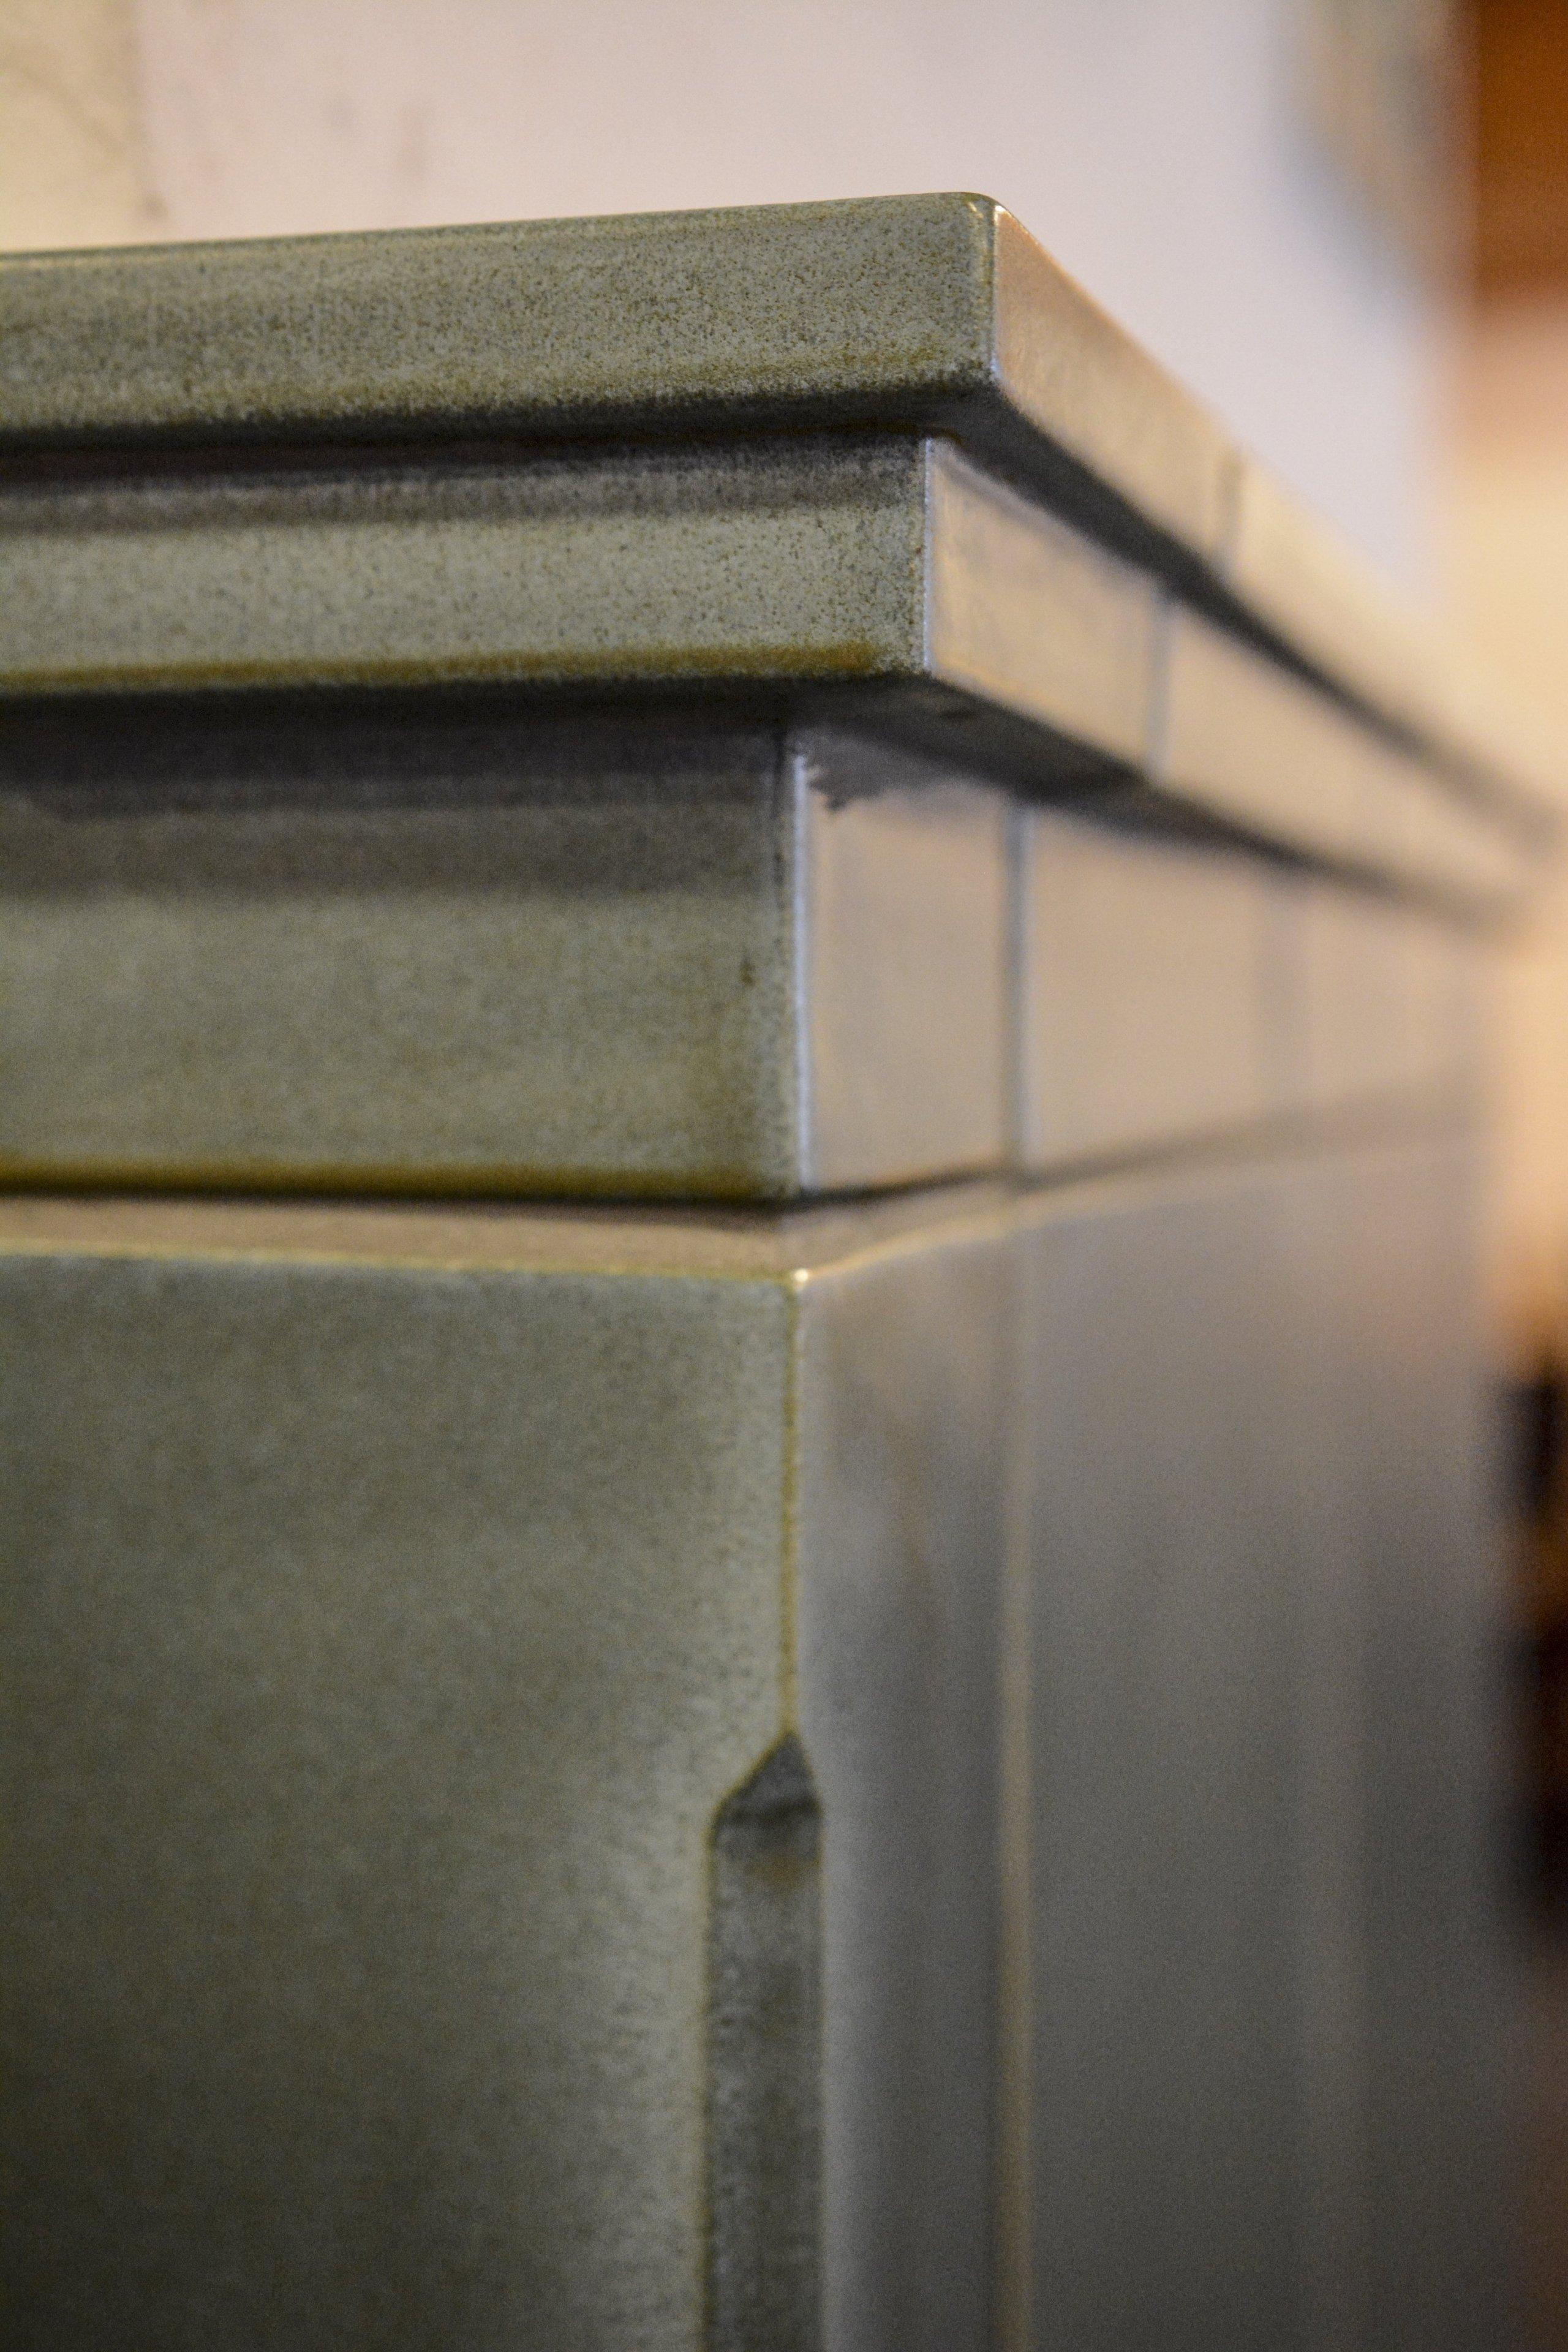 Kamna s teplovodní kamnovou vložkou Brunner HKD 2.2SK, která dokáže jako jediný zdroj vytopit i větší objekty. Kachle z produkce K&K POKER Kamnářství…